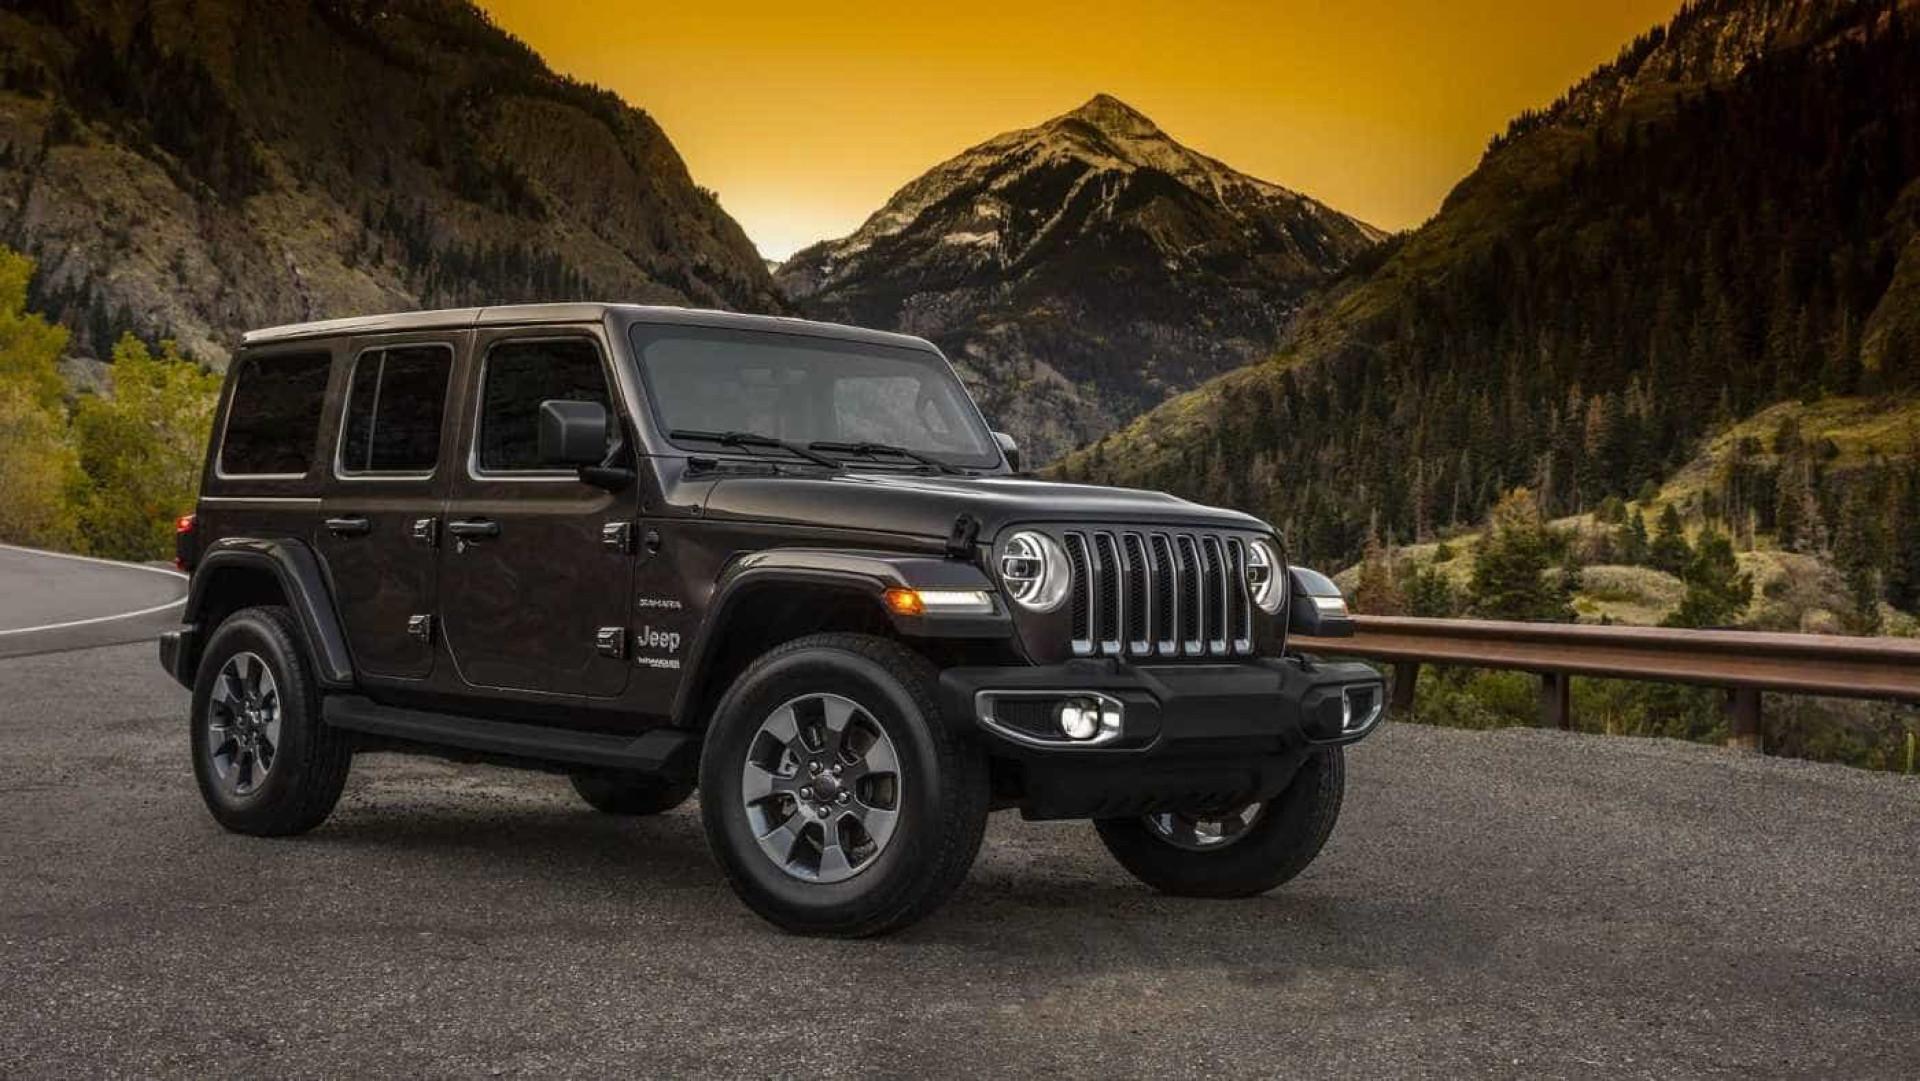 O Jeep Wrangler só chega em dezembro, mas já pode dar uma espreitadela